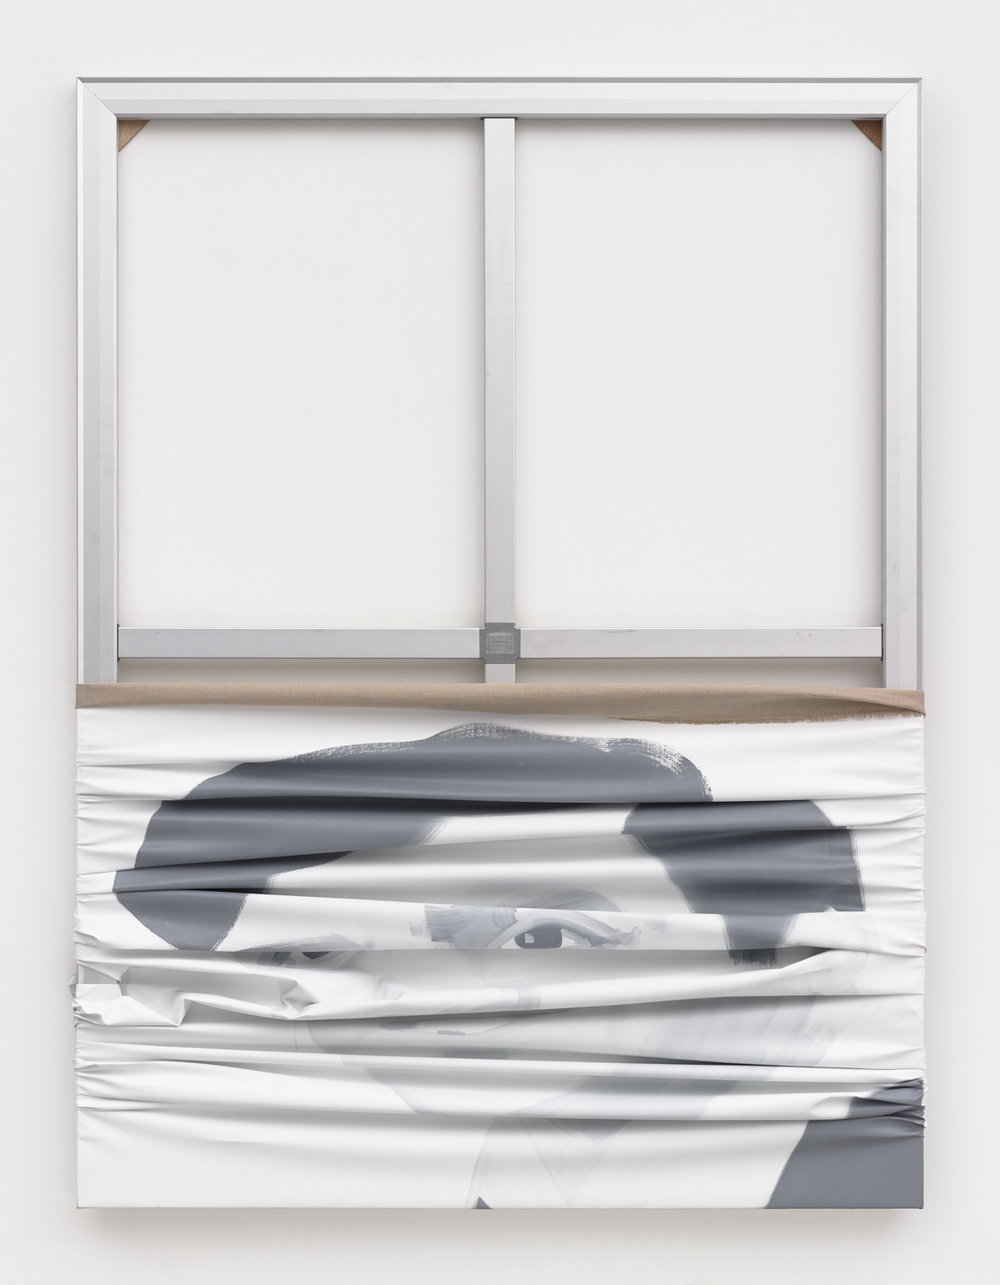 Ahmad, 2018 oil on canvas and aluminium 182,9 x 137,2 cm - 72 x 54 in